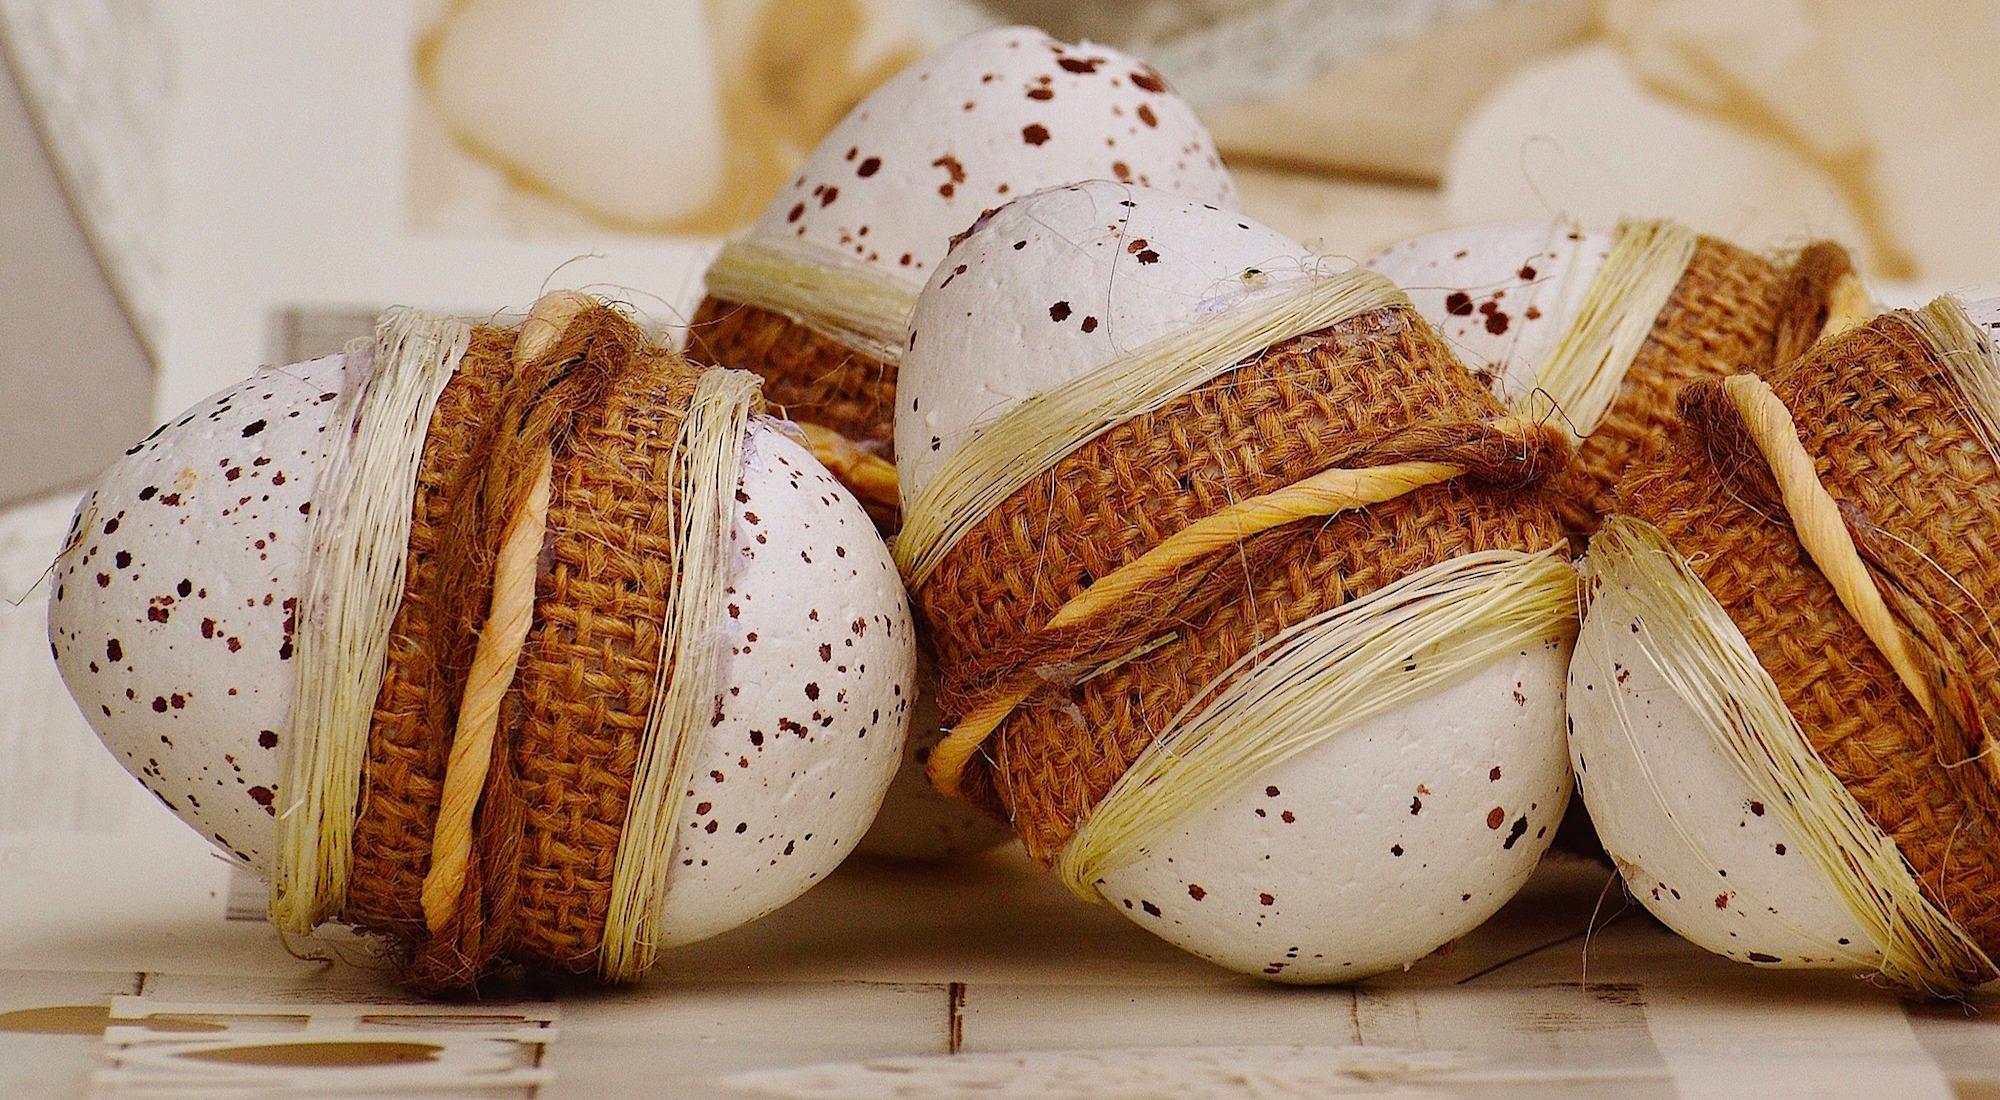 Décoration de Pâques - décoration avec des textiles sur des œufs